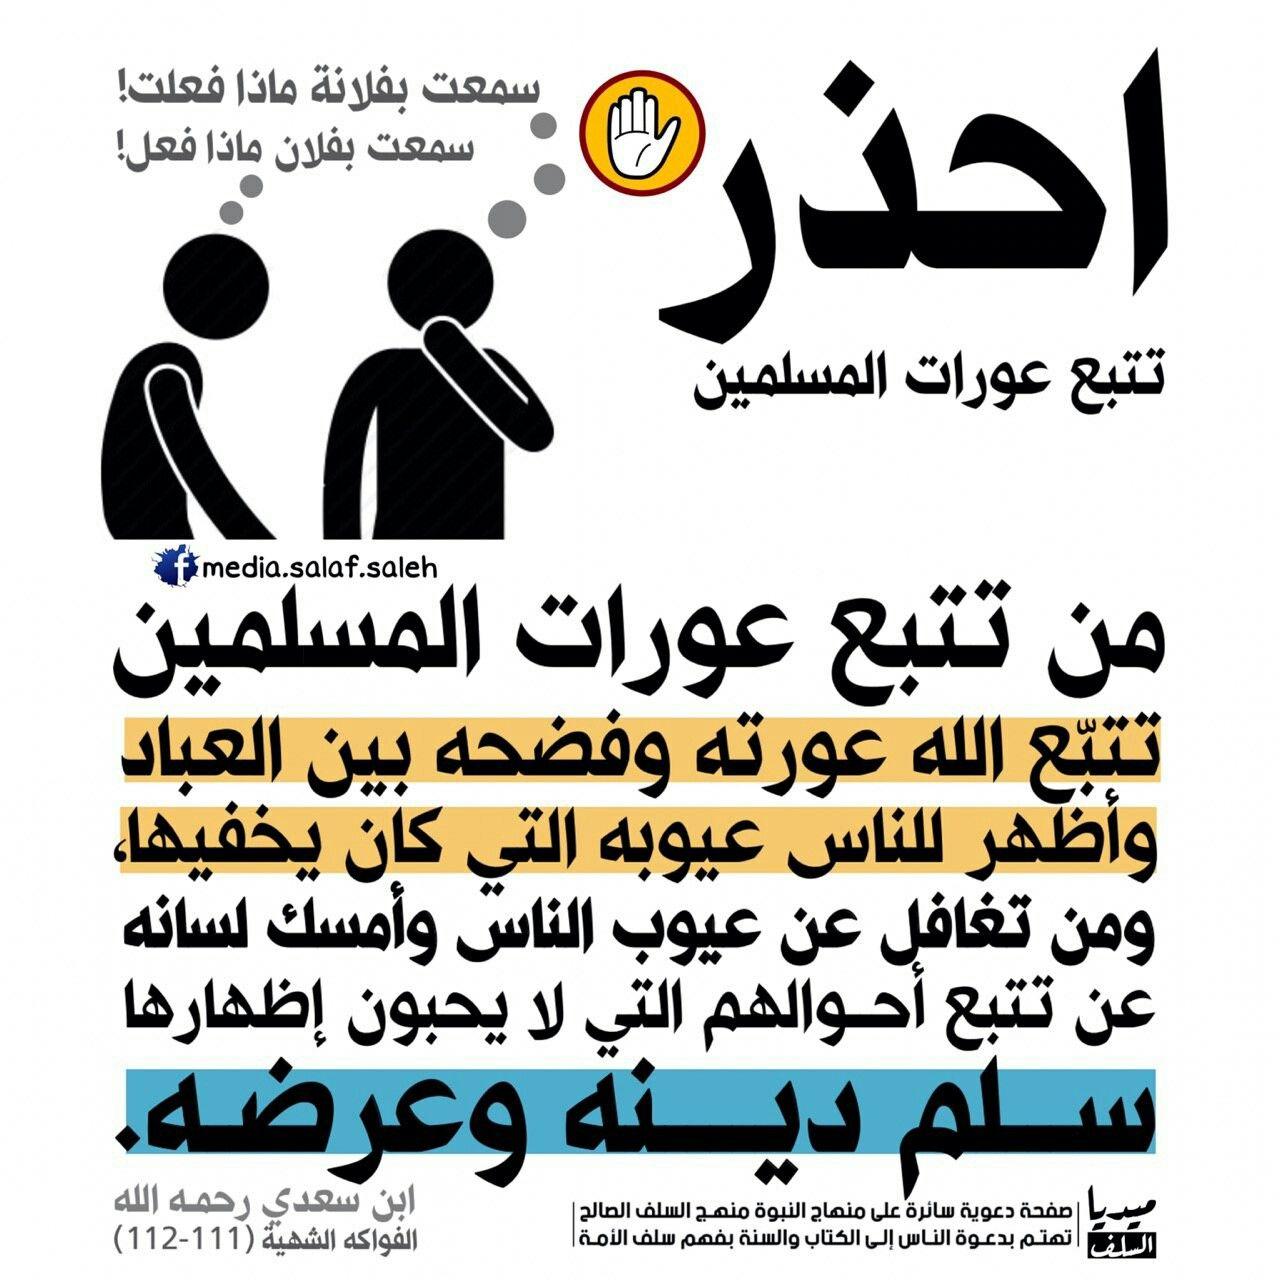 Pin By زهرة الياسمين On مقتطفات إسلامية Islamic Quotes Learn Islam Words